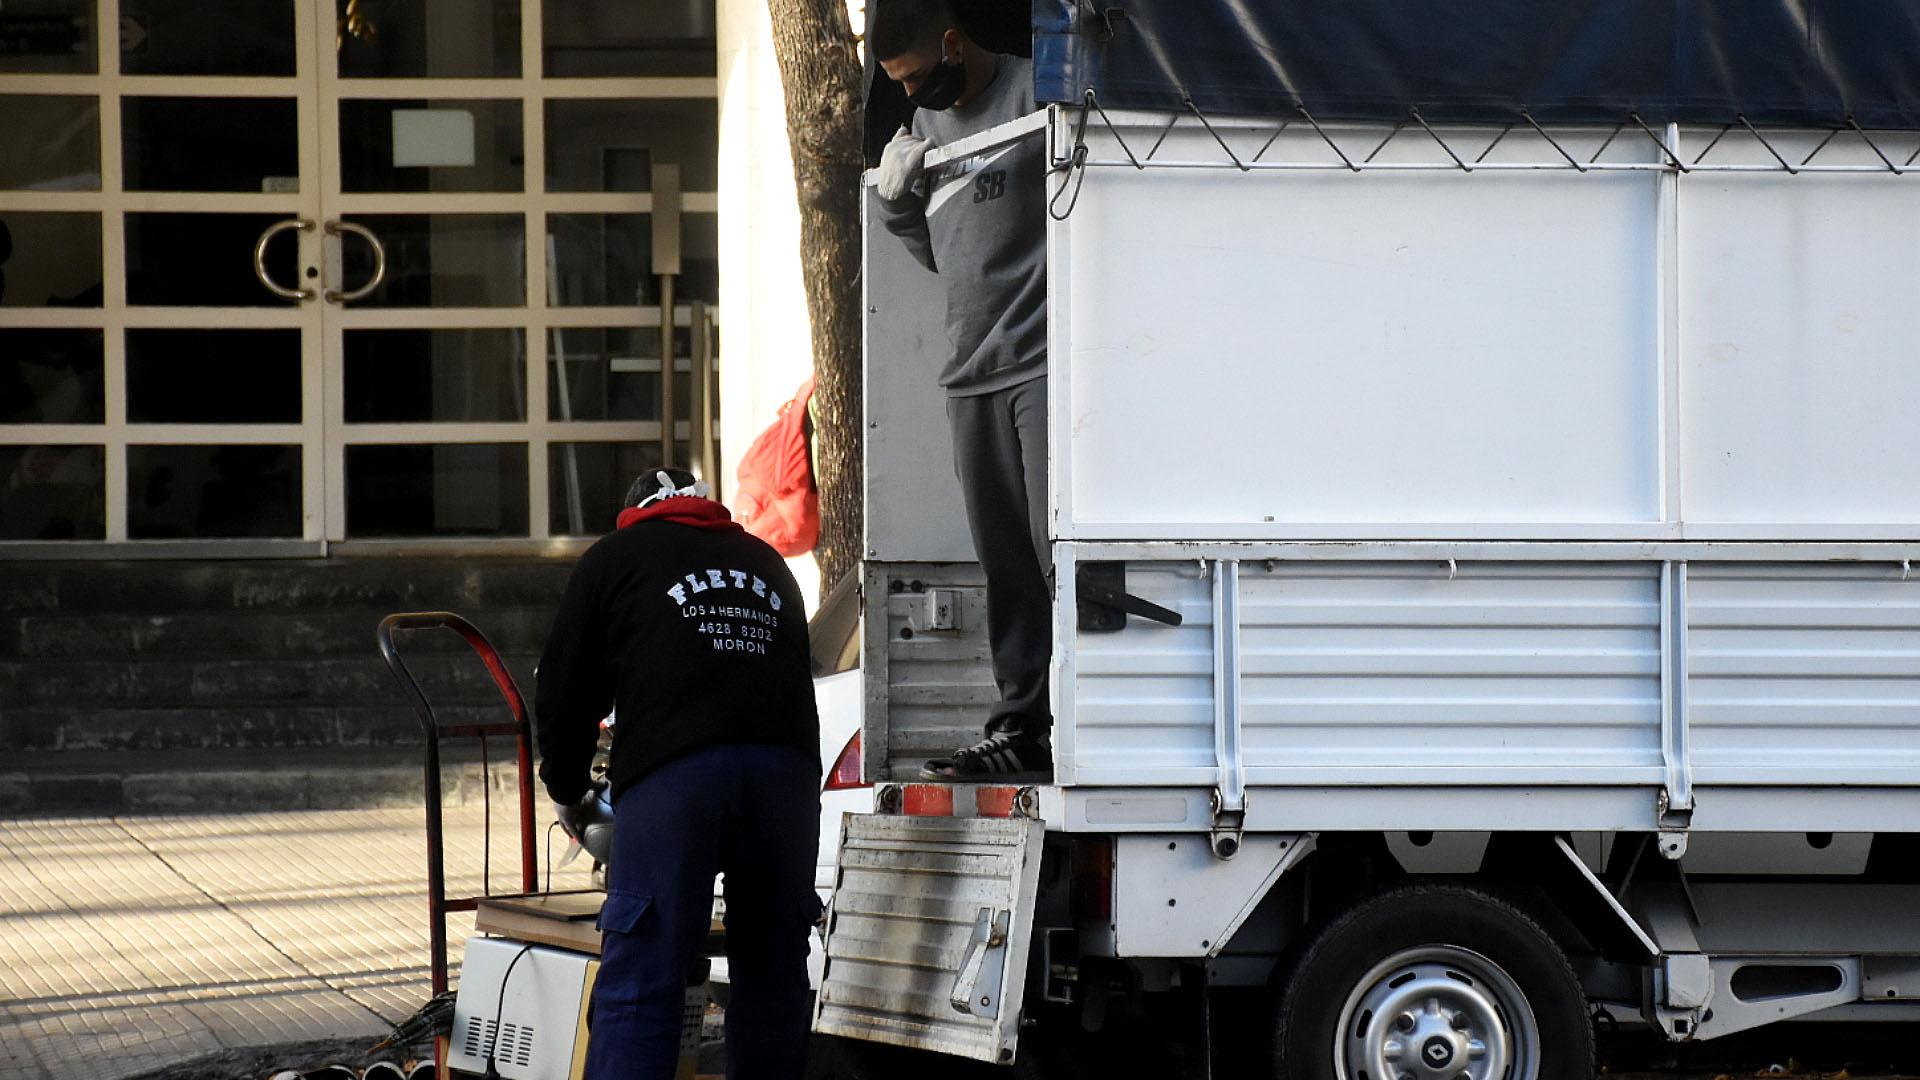 Uno de los camiones de mudanzas que comenzaron a recorrer las calles de la Ciudad de Buenos Aires